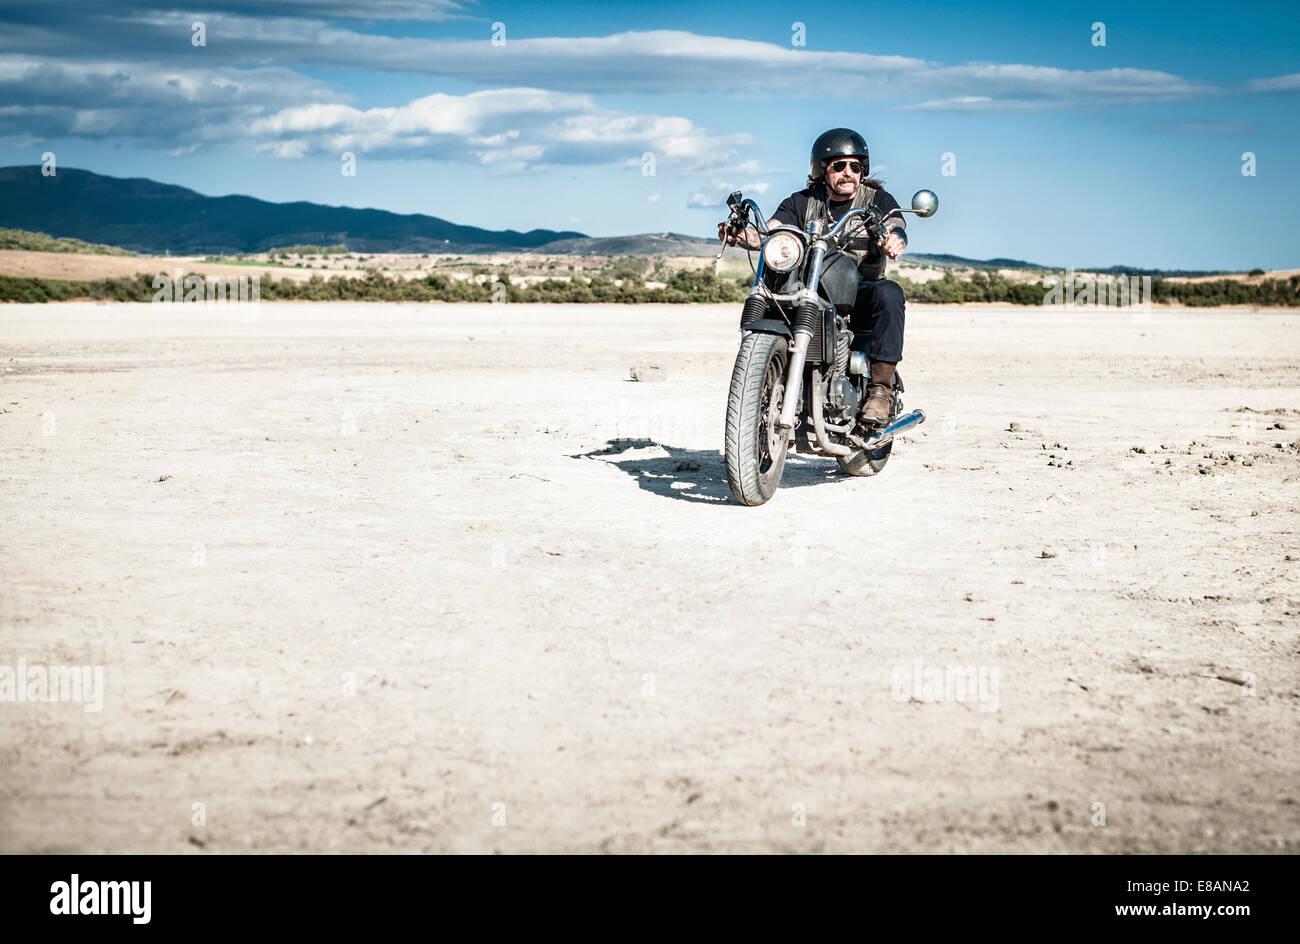 Hombre maduro montando motocicleta por árida llanura, Cagliari, Cerdeña, Italia Imagen De Stock